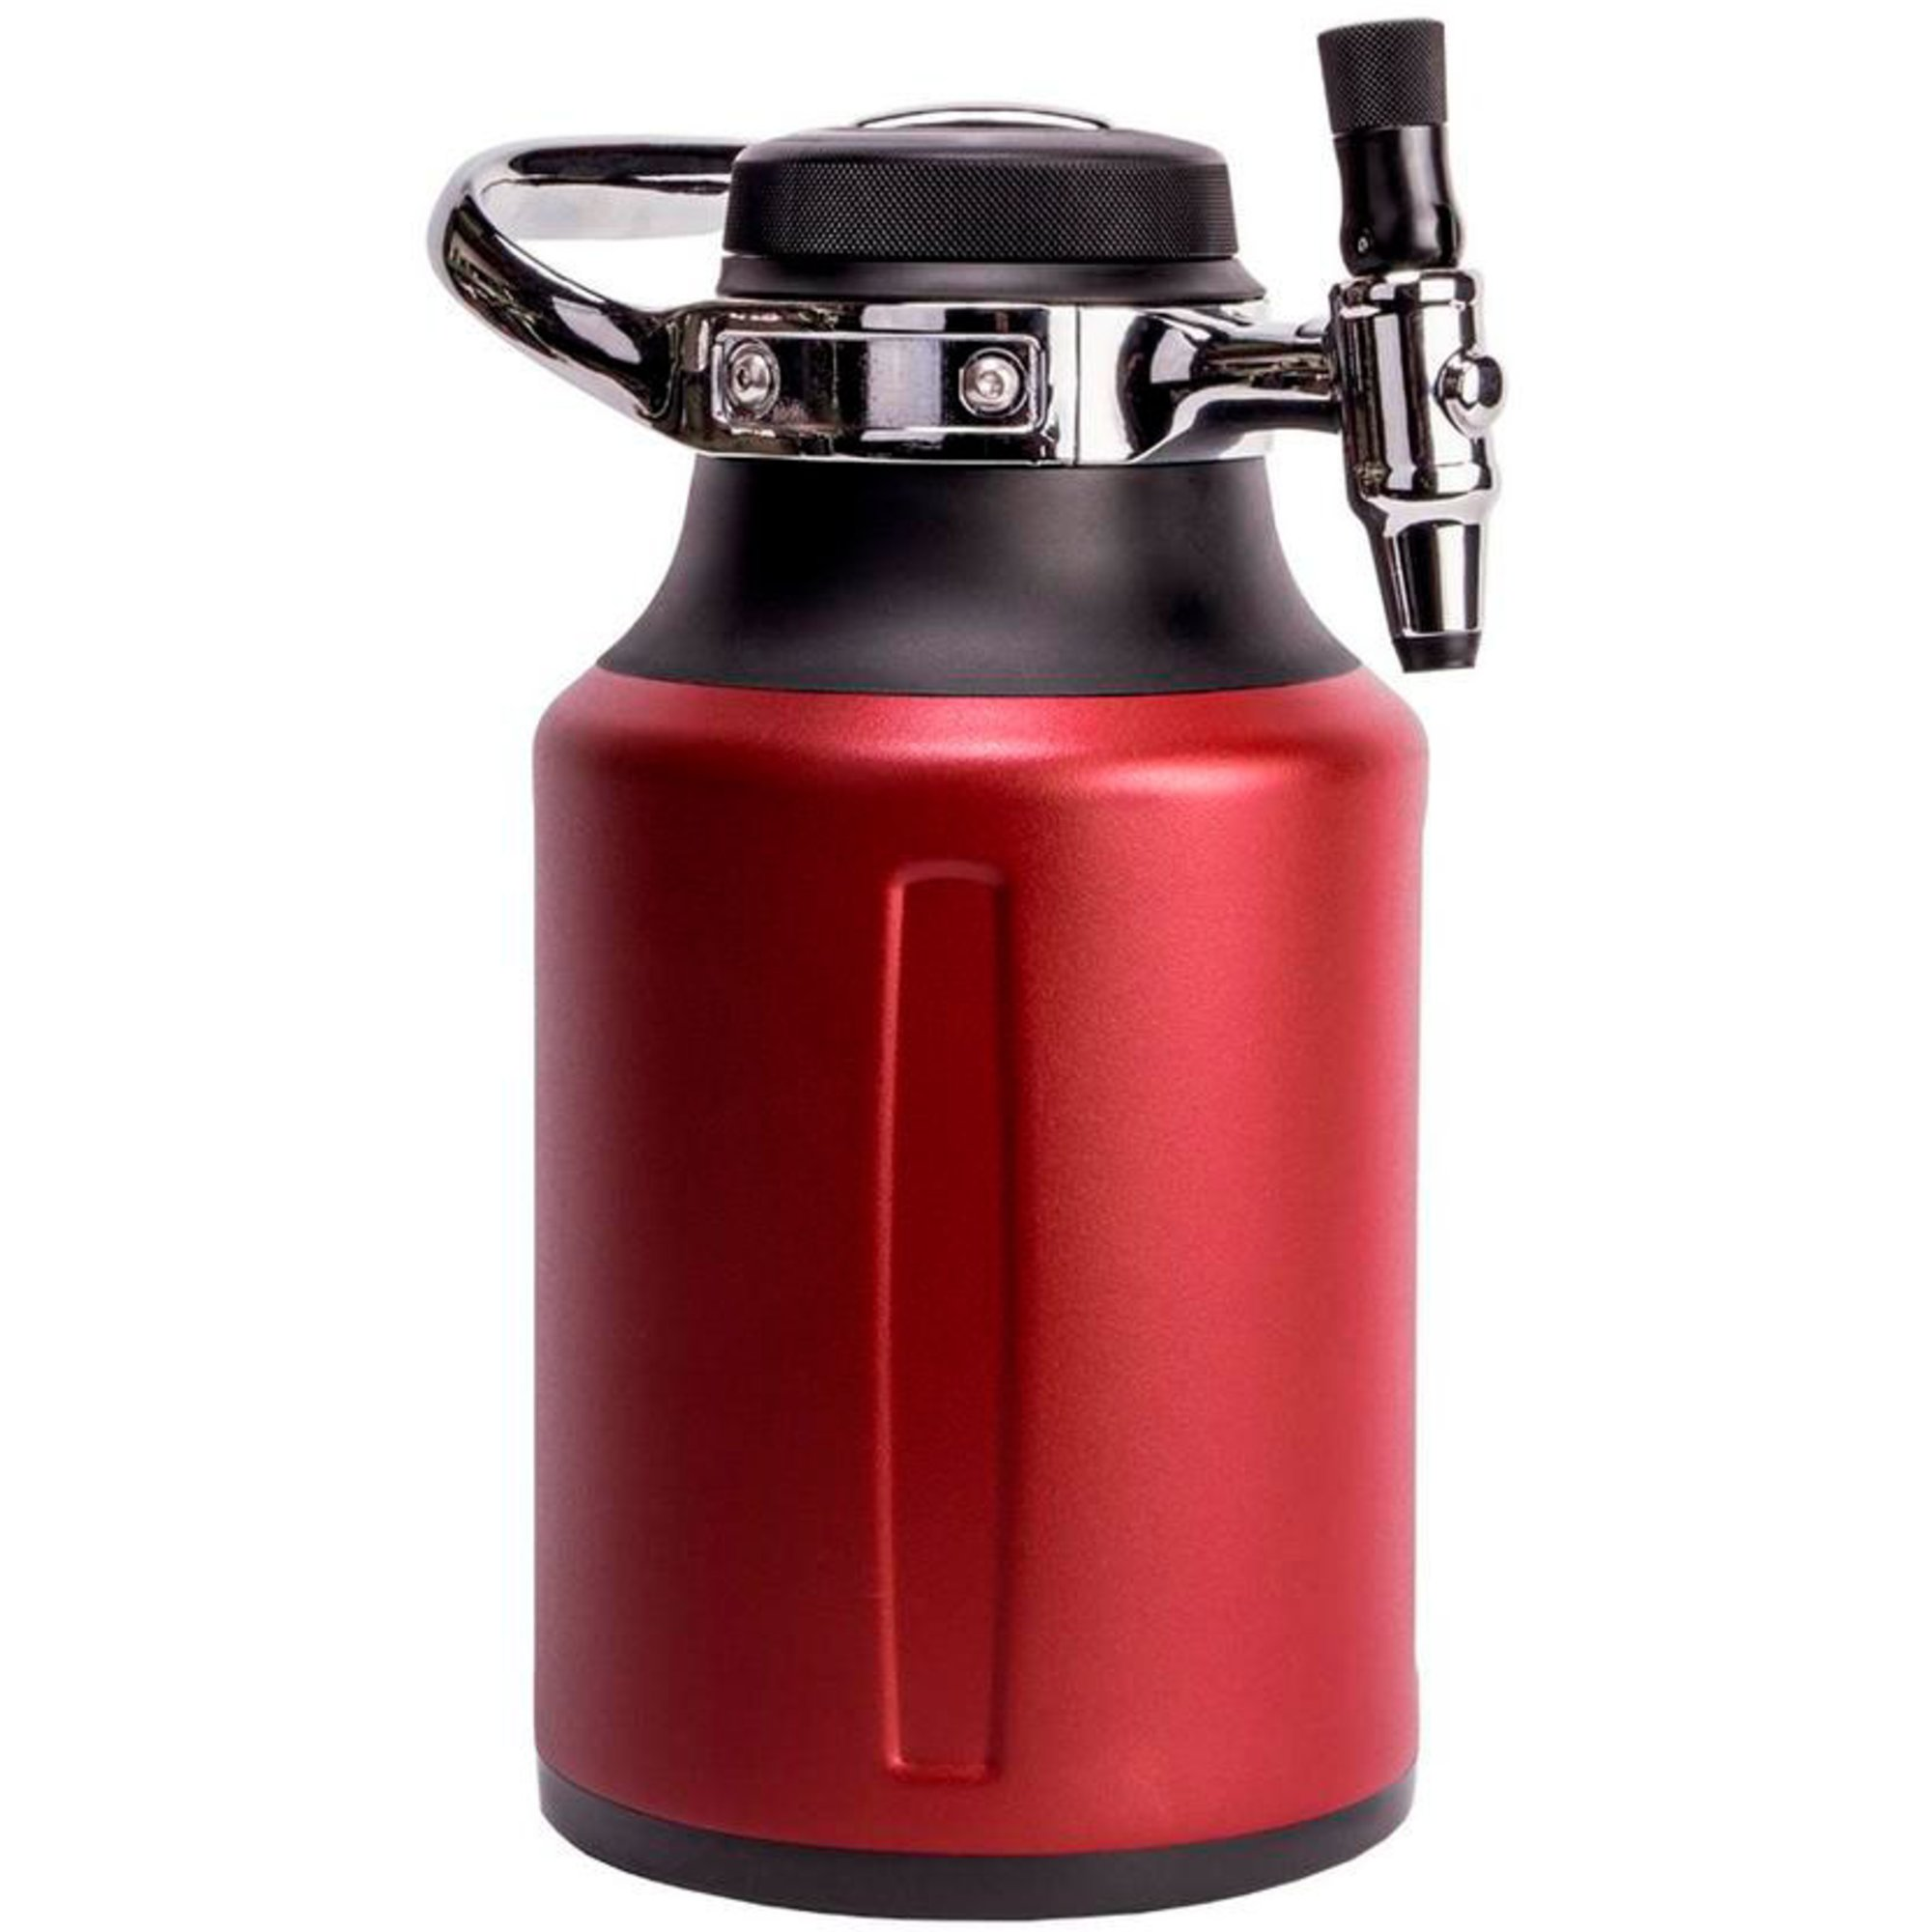 GrowlerWerks uKeg Go chili 19 liter